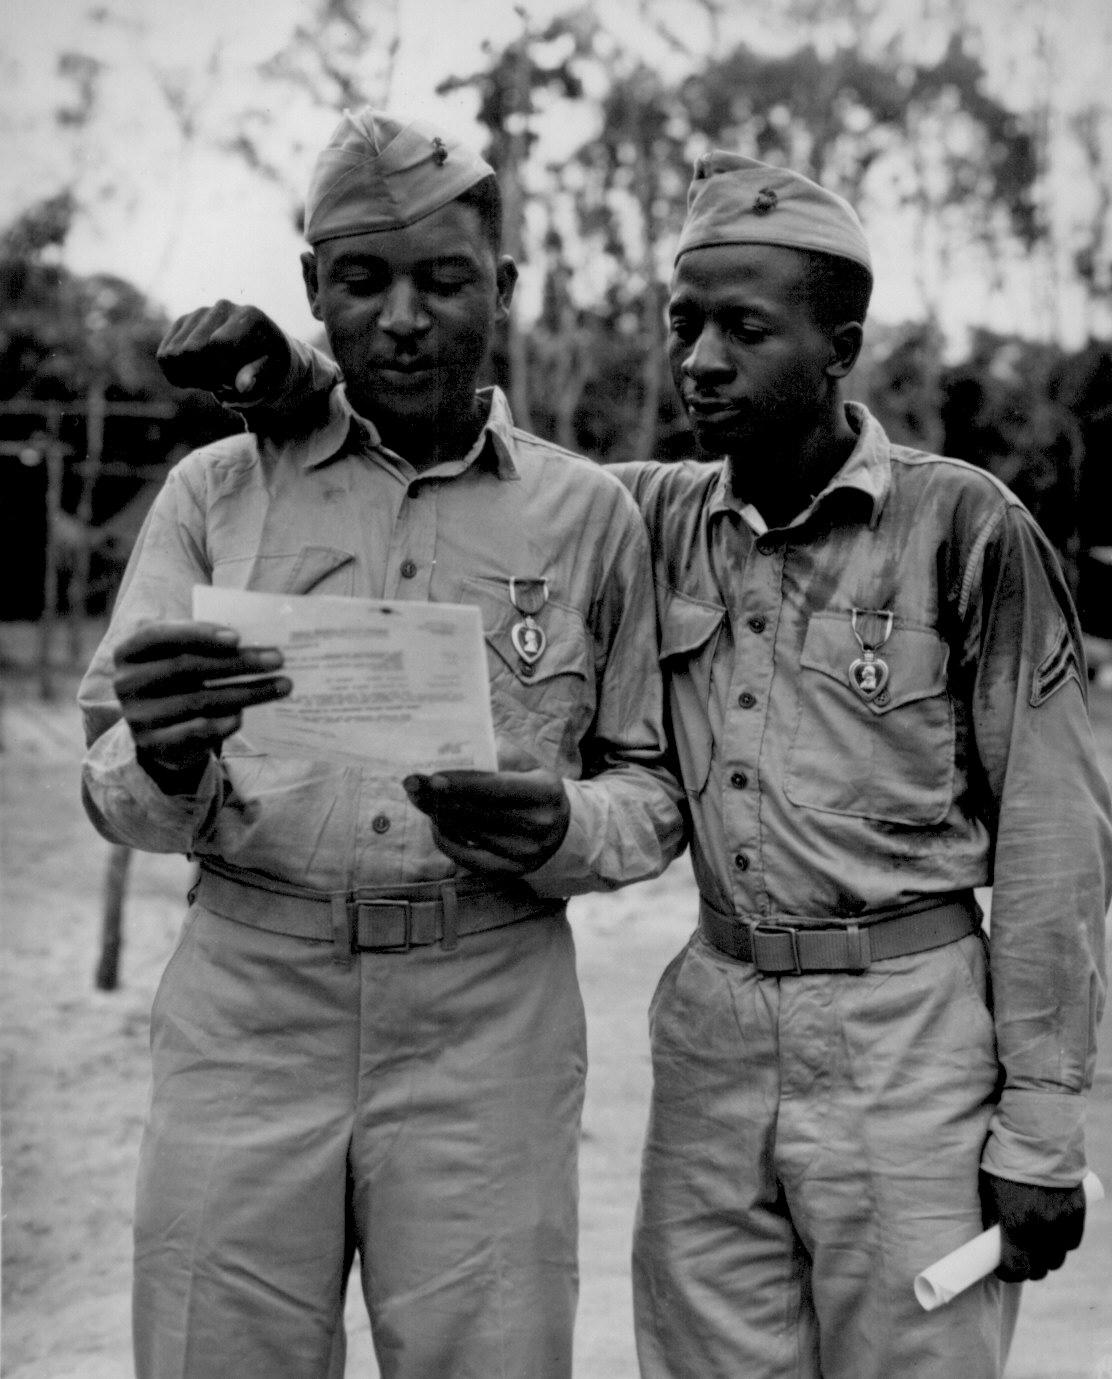 african-americans-wwii-098-Marines.jpg